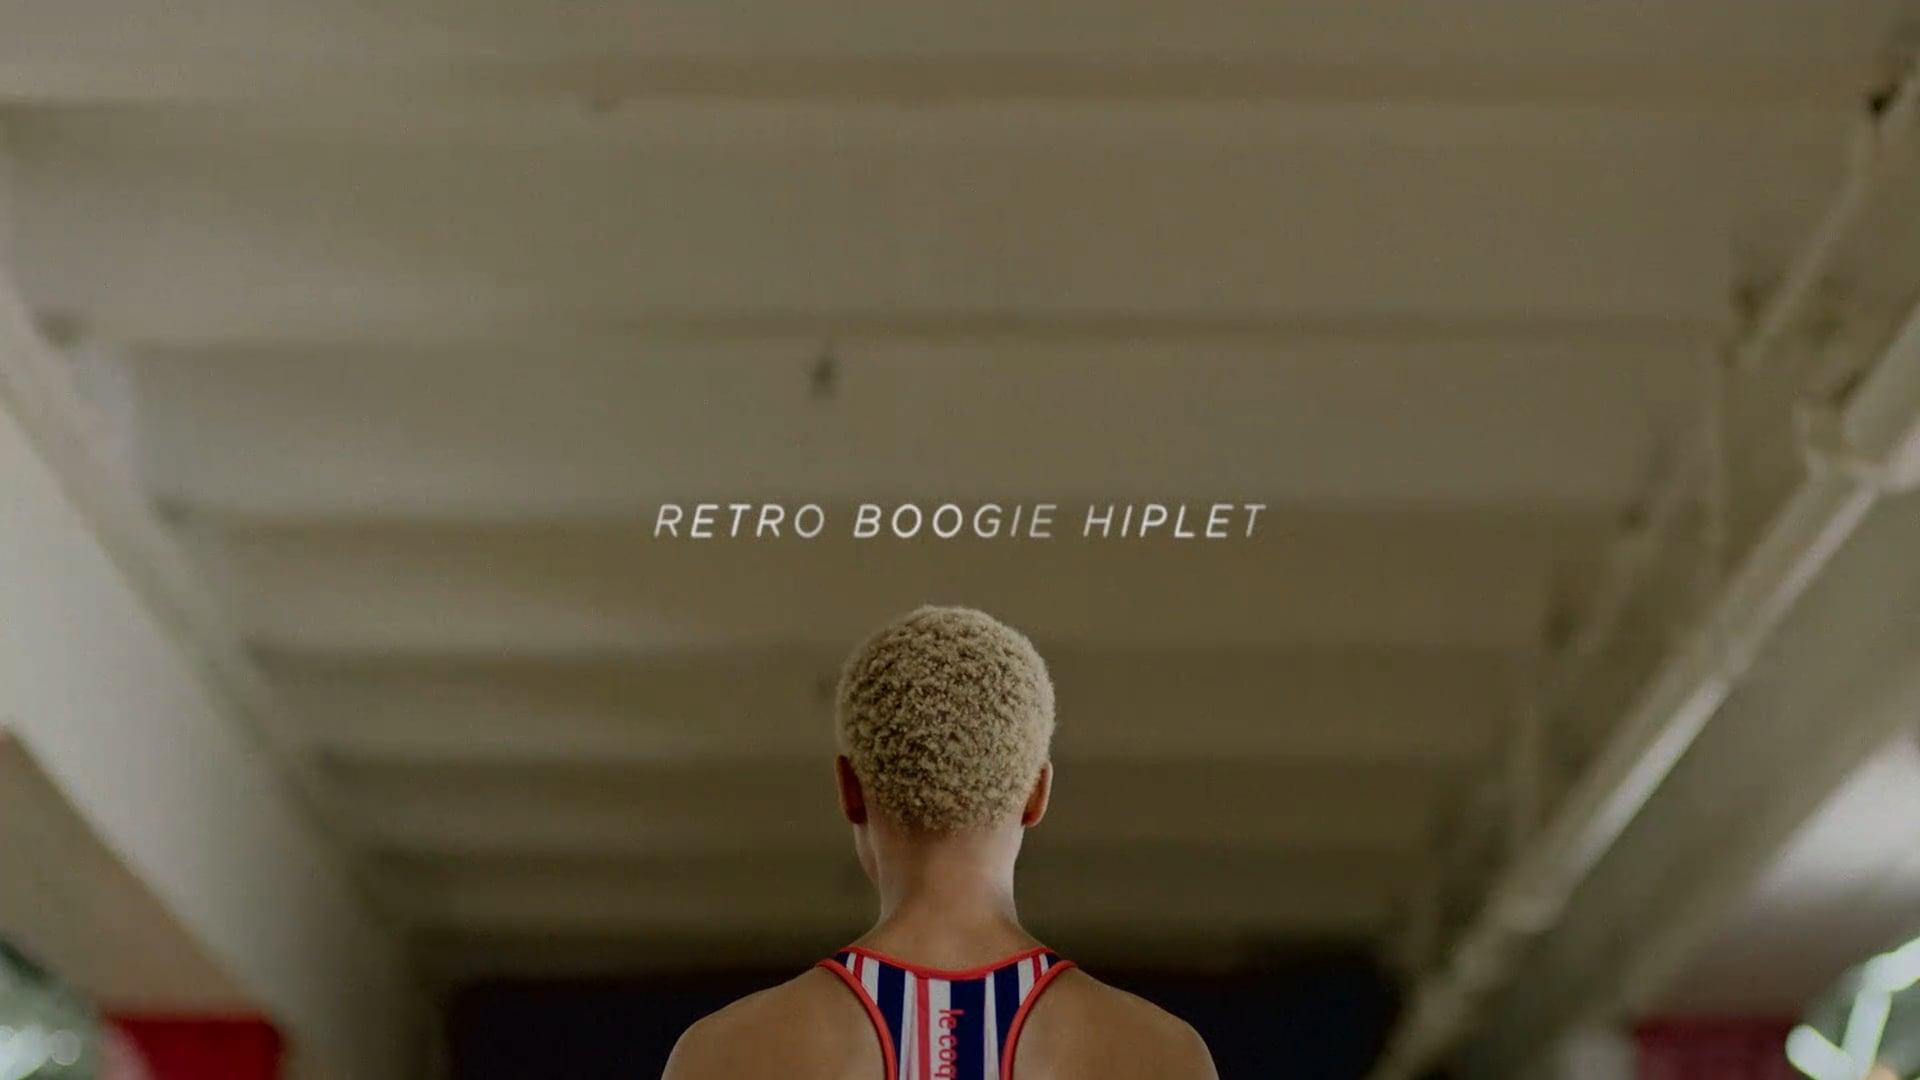 Le Coq Sportif - RETRO BOOGIE HIPLET